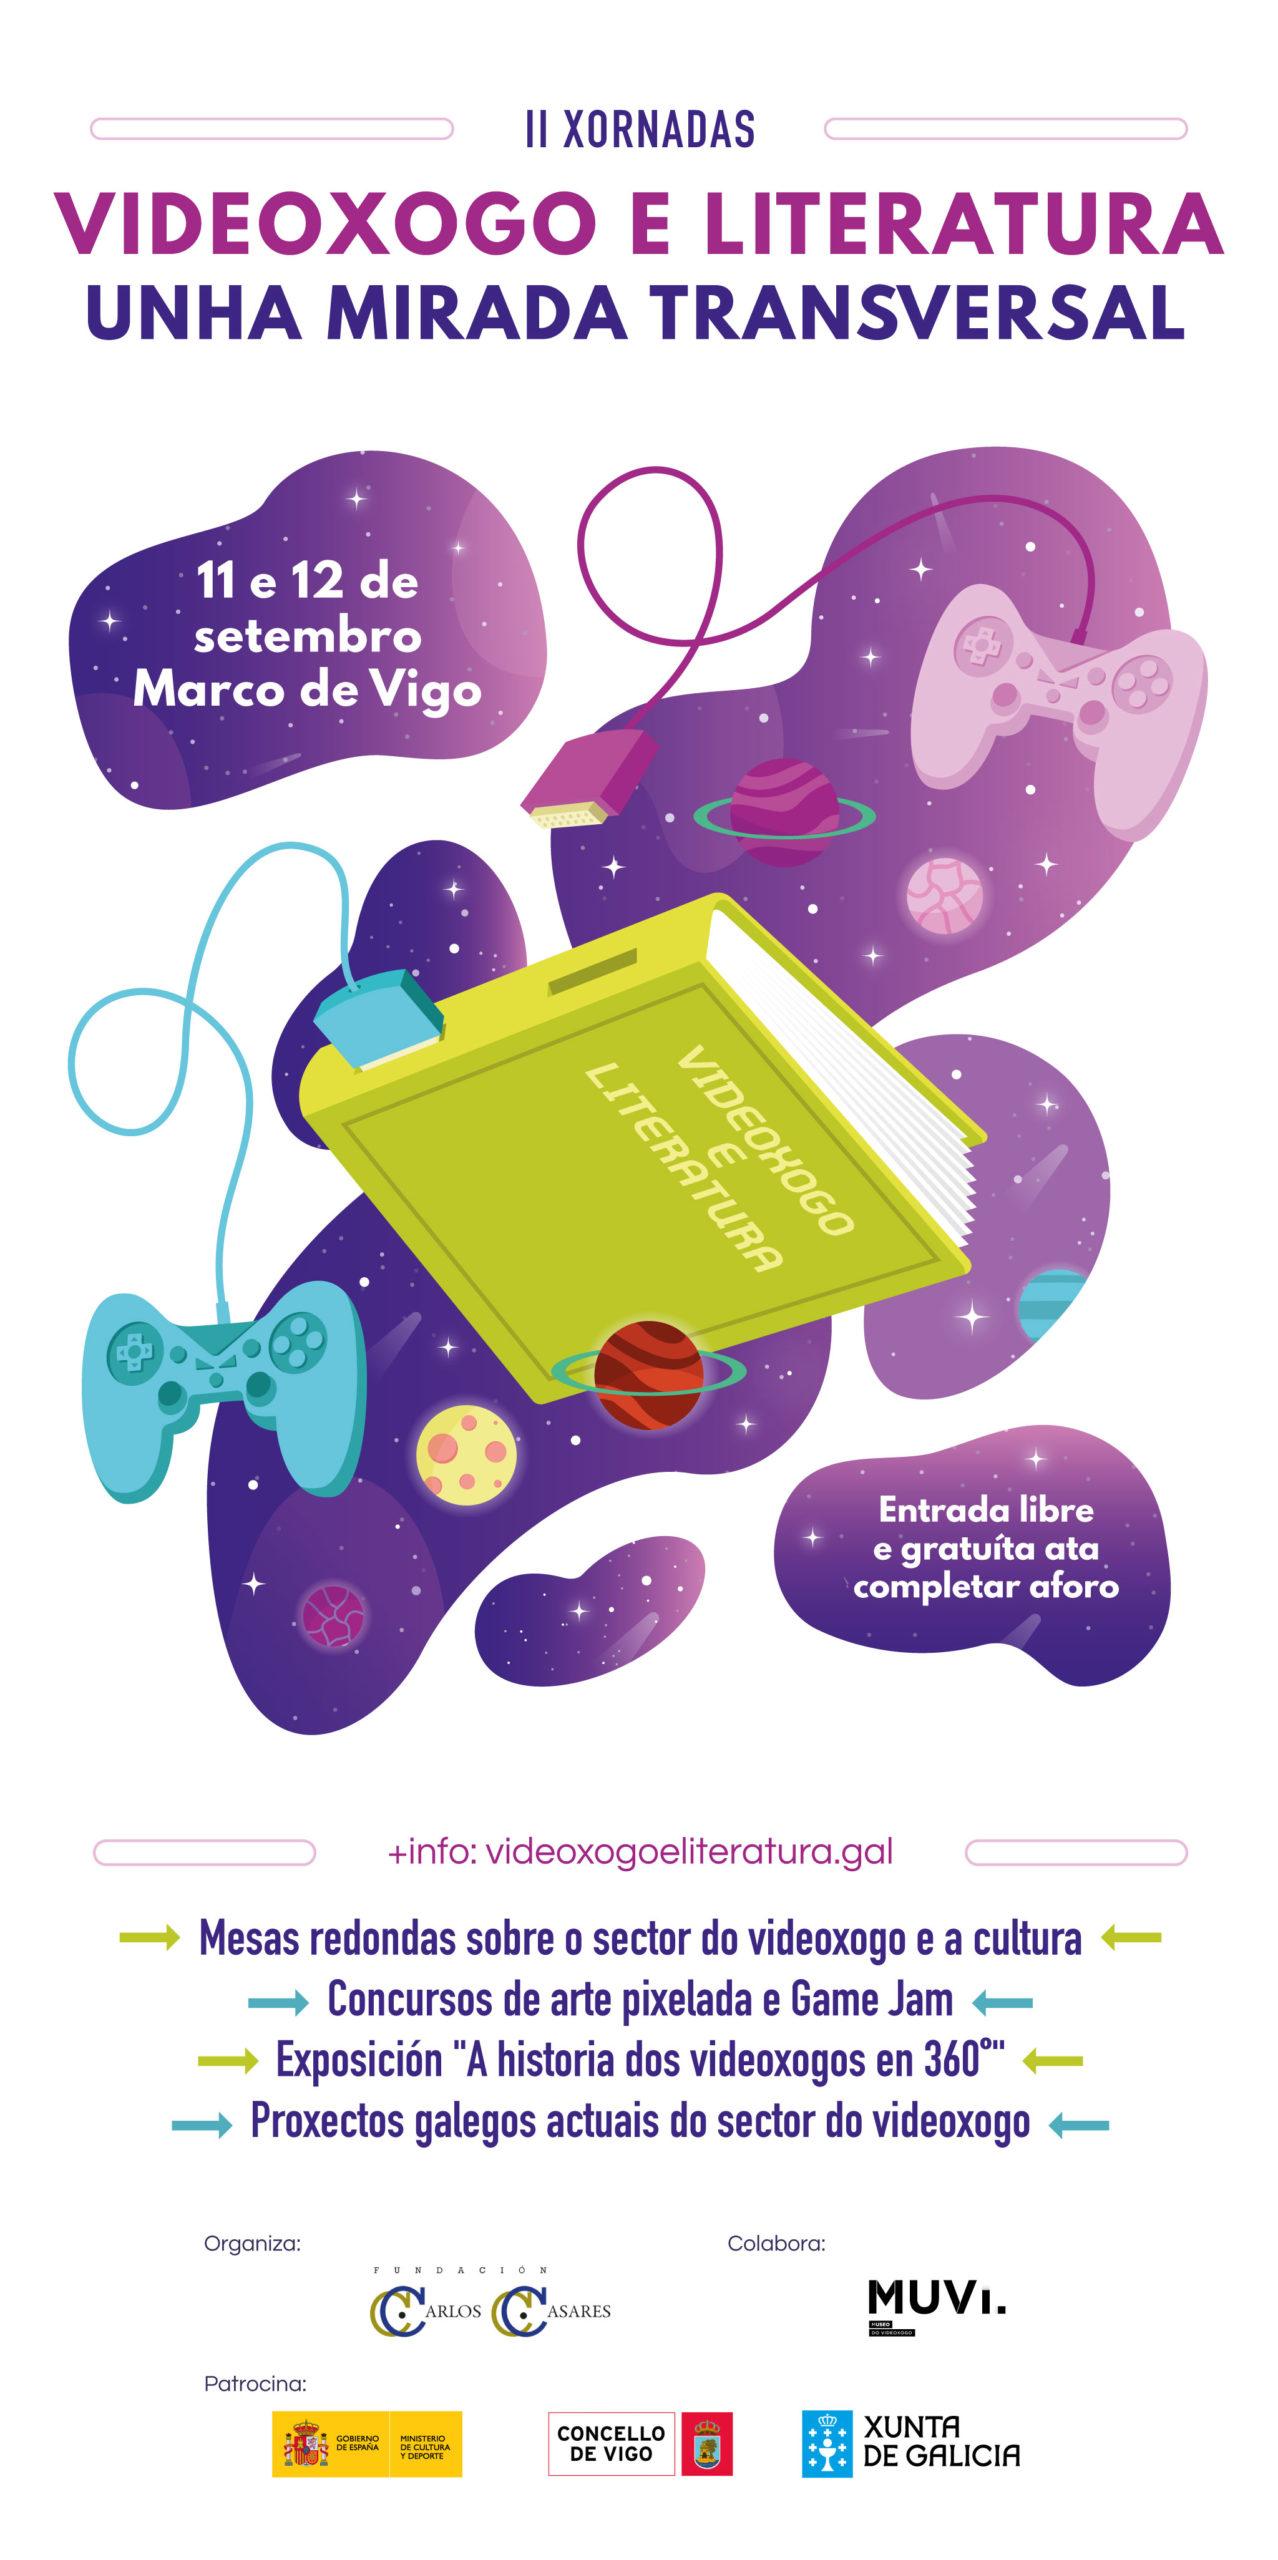 cartel informativo de II xornadas de videoxogo e literatura